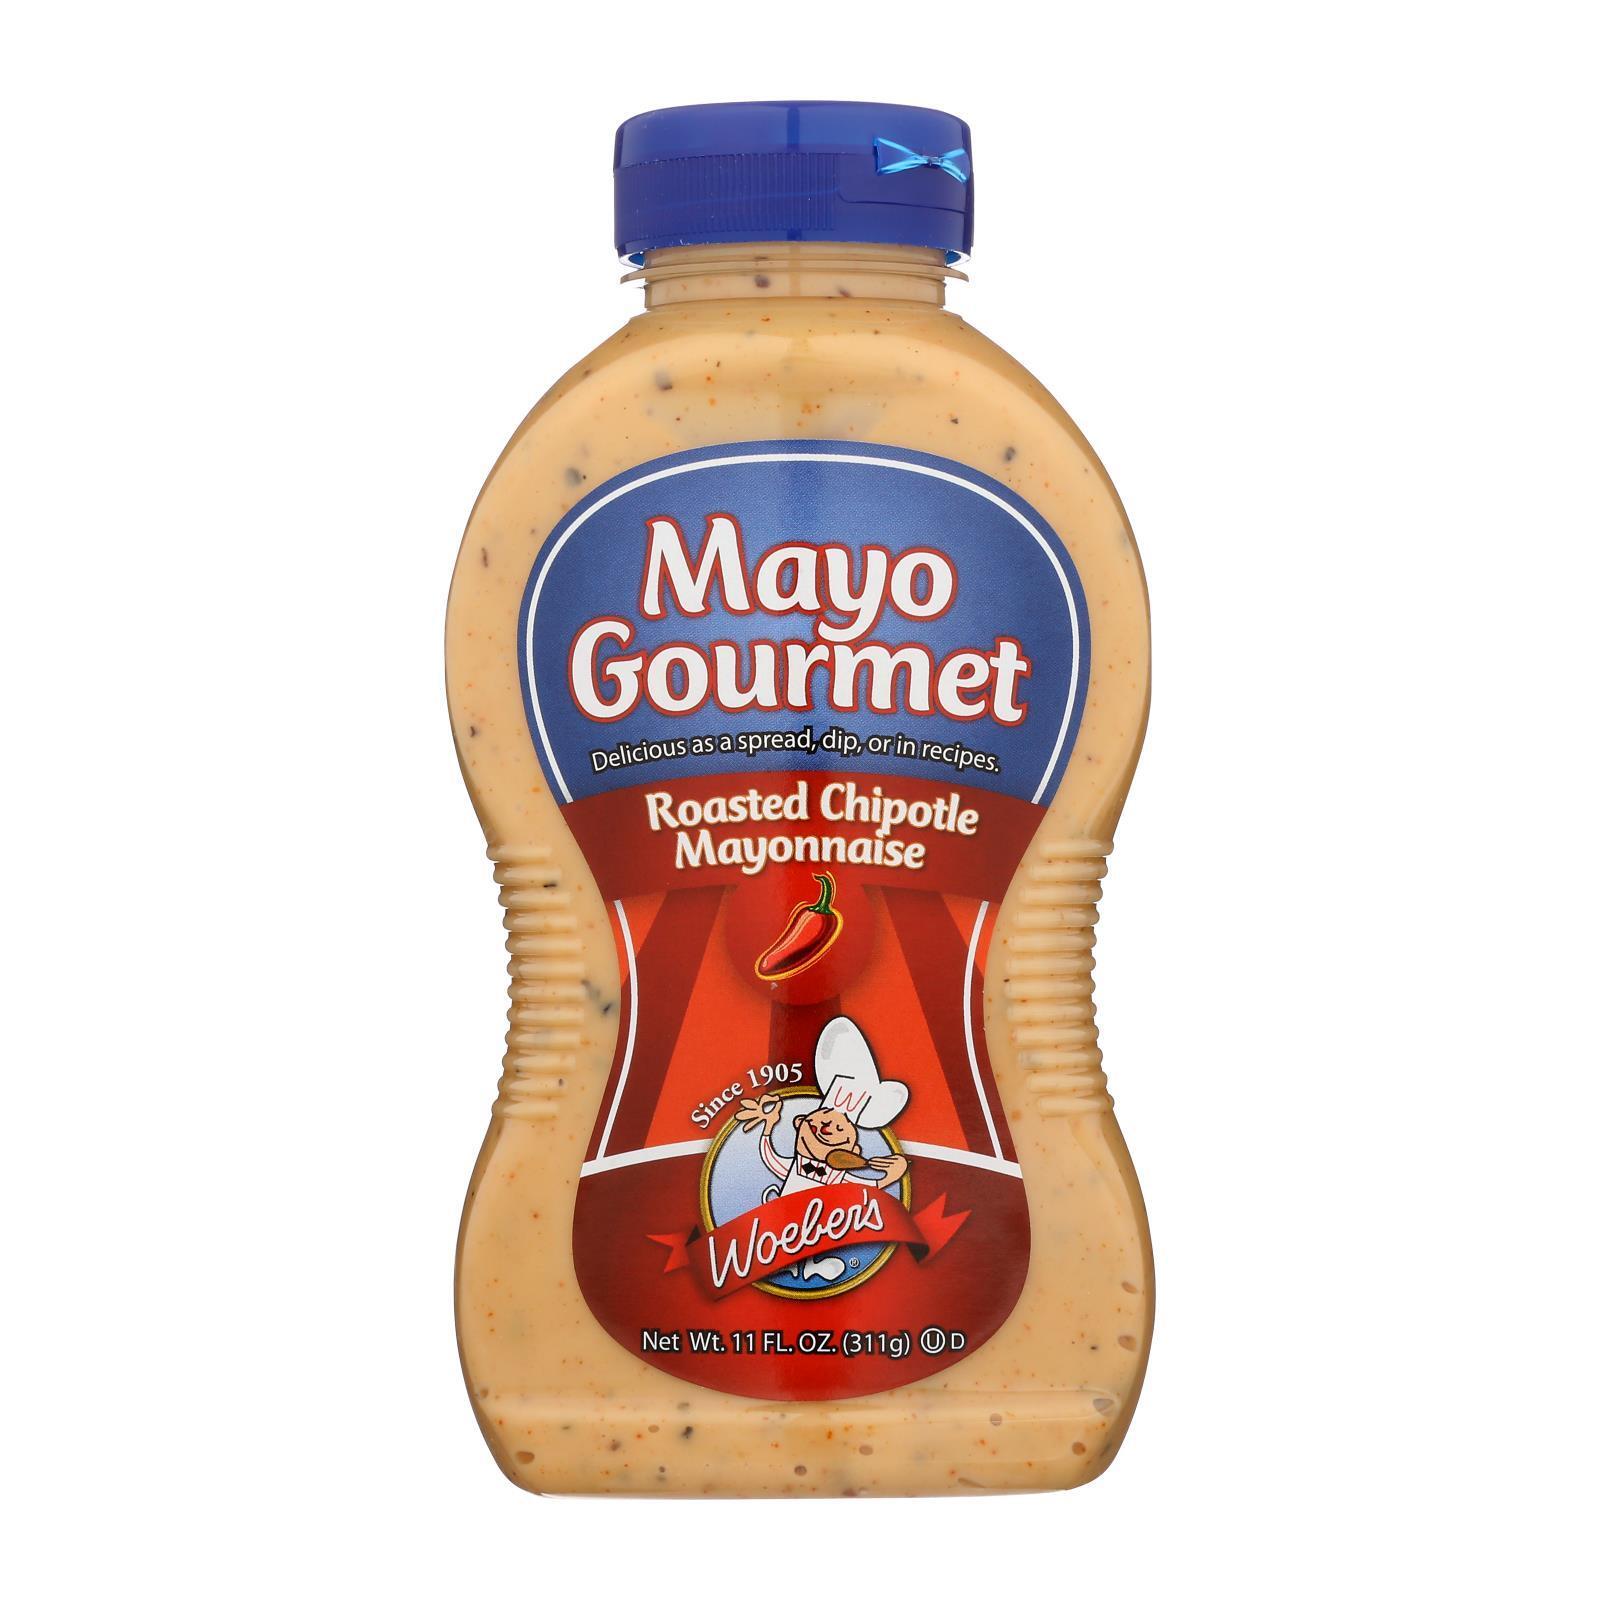 Mayo Gourmet Roasted Chipotle Mayonnaise - Case of 6 - 11 oz.